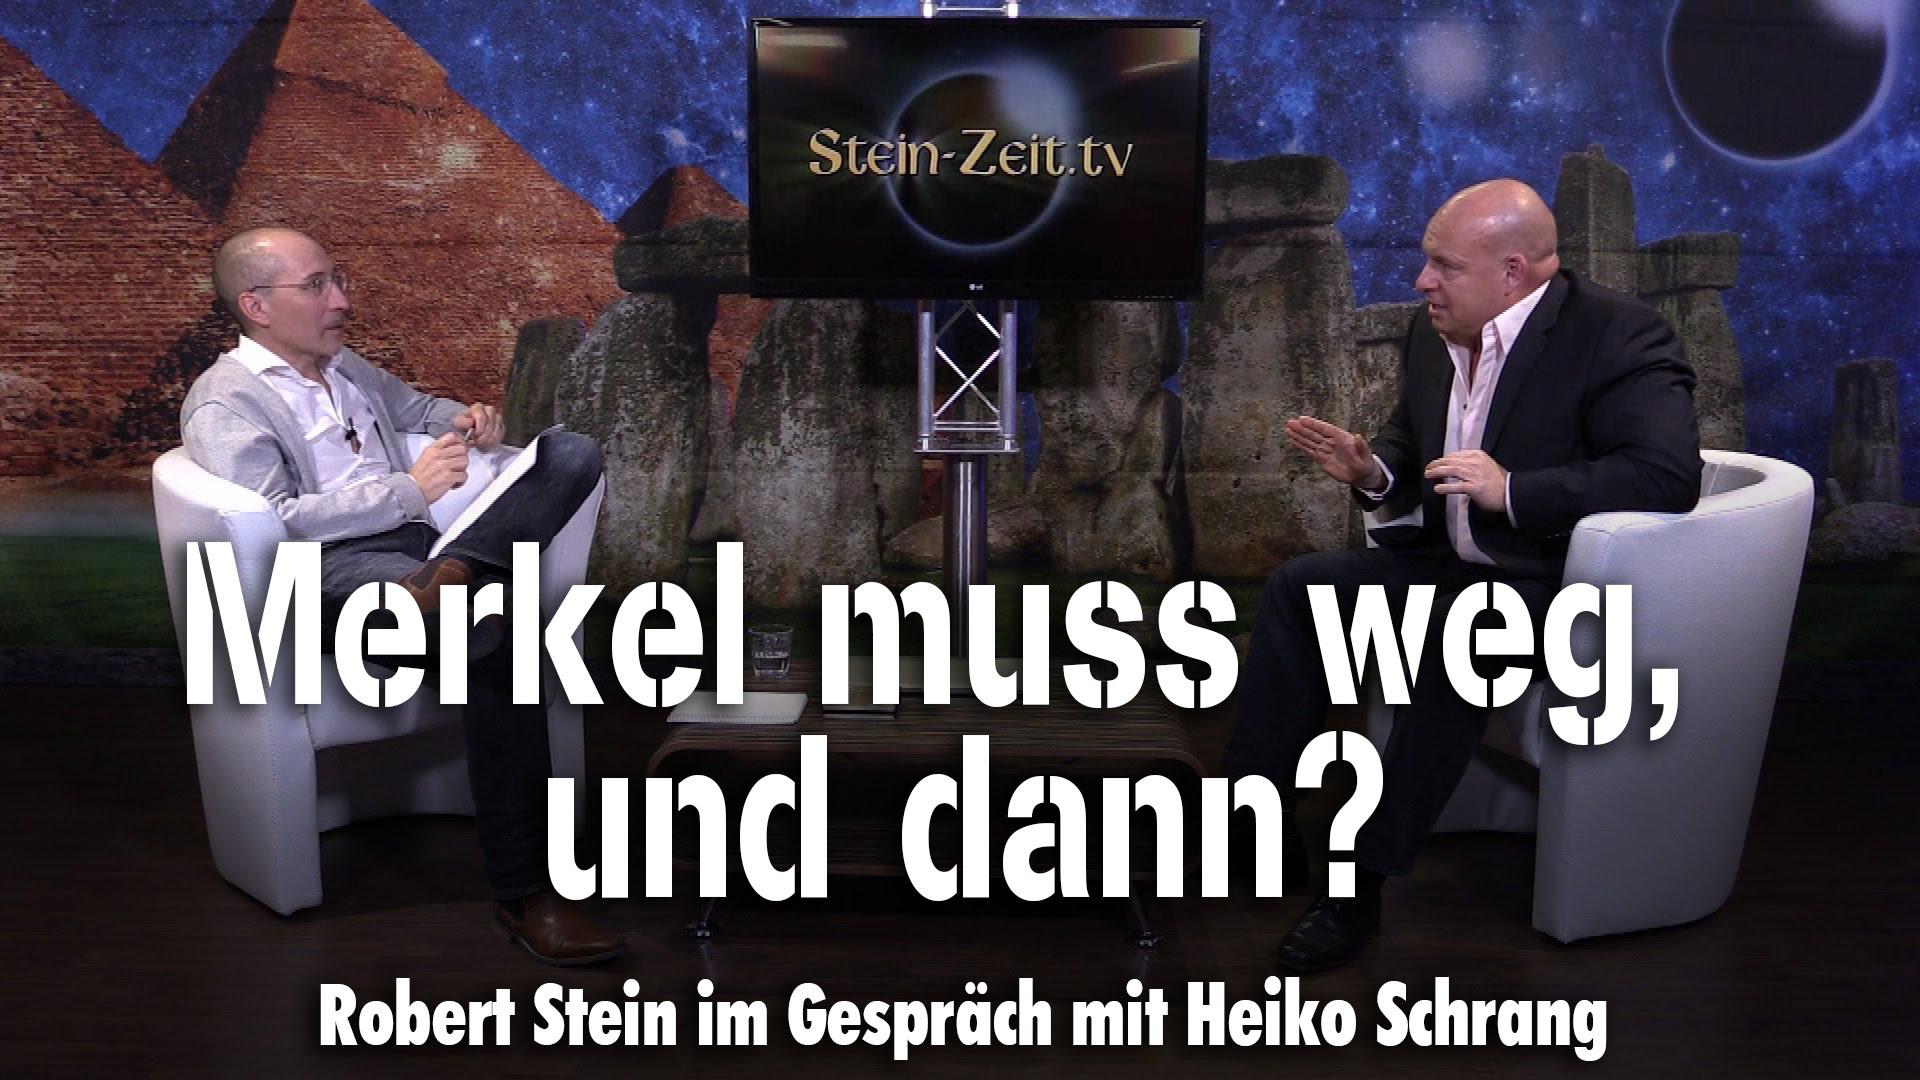 Merkel muss weg, und dann? – Heiko Schrang bei SteinZeit